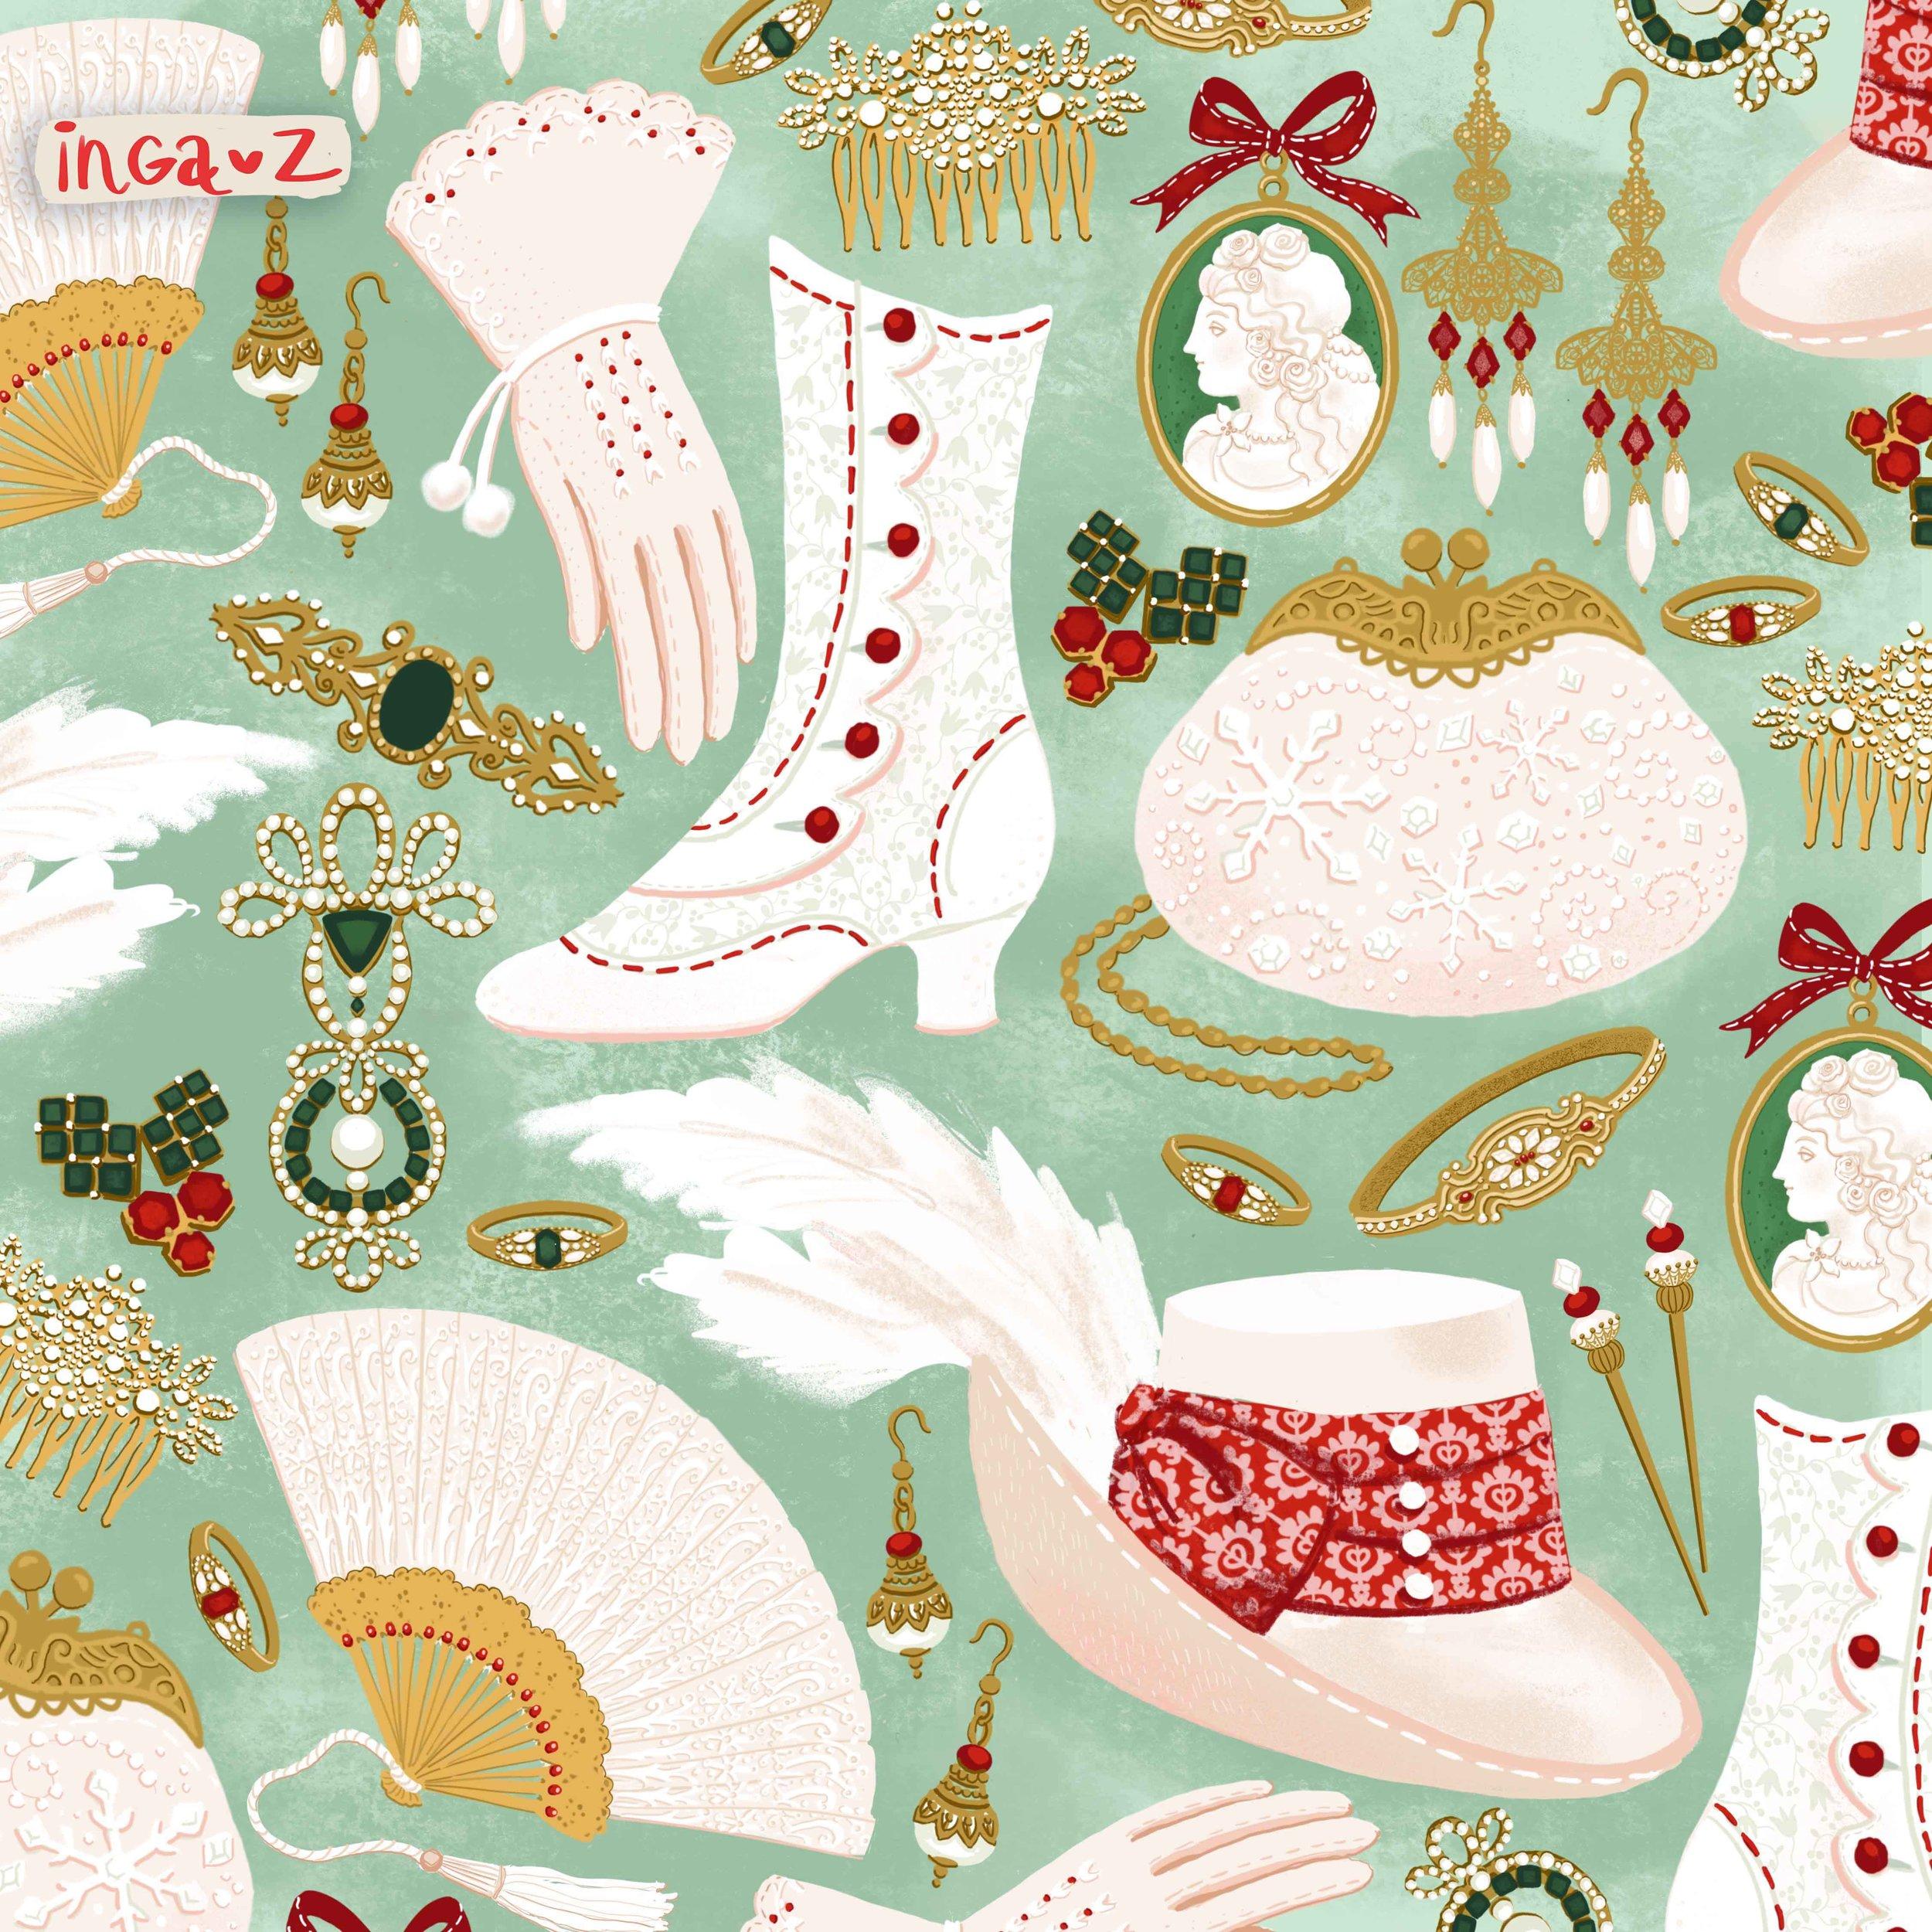 victorian accessories pattern.jpg